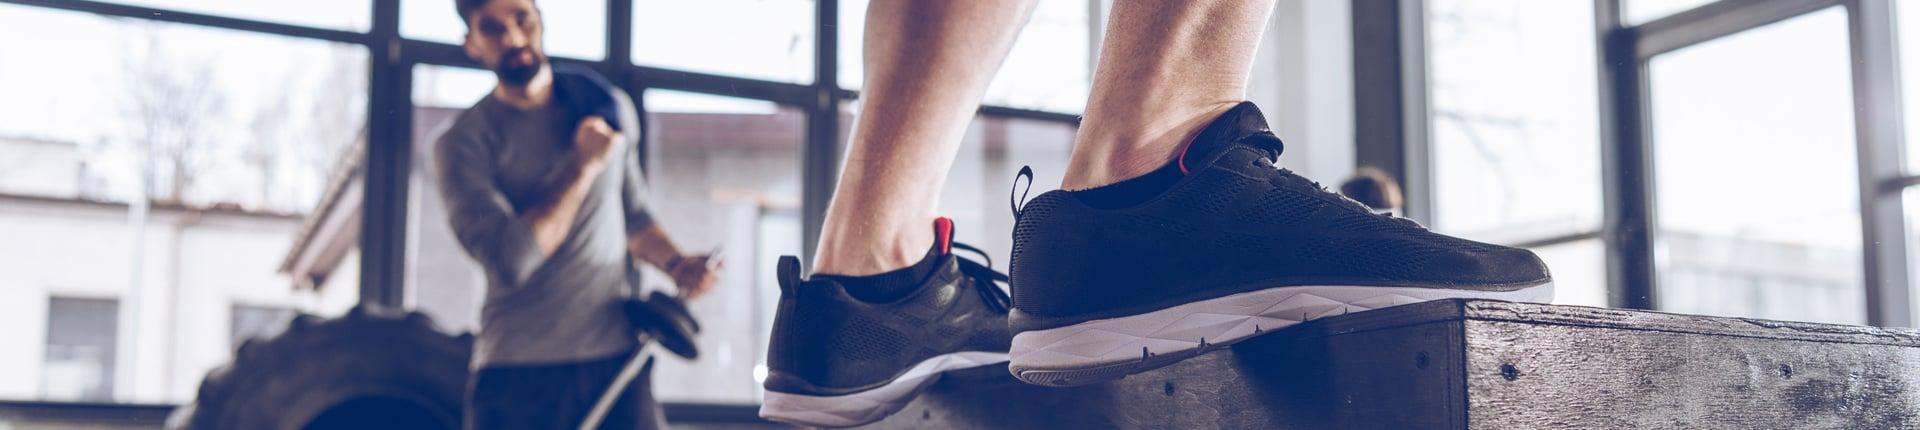 Jakie buty wybrać do treningu?